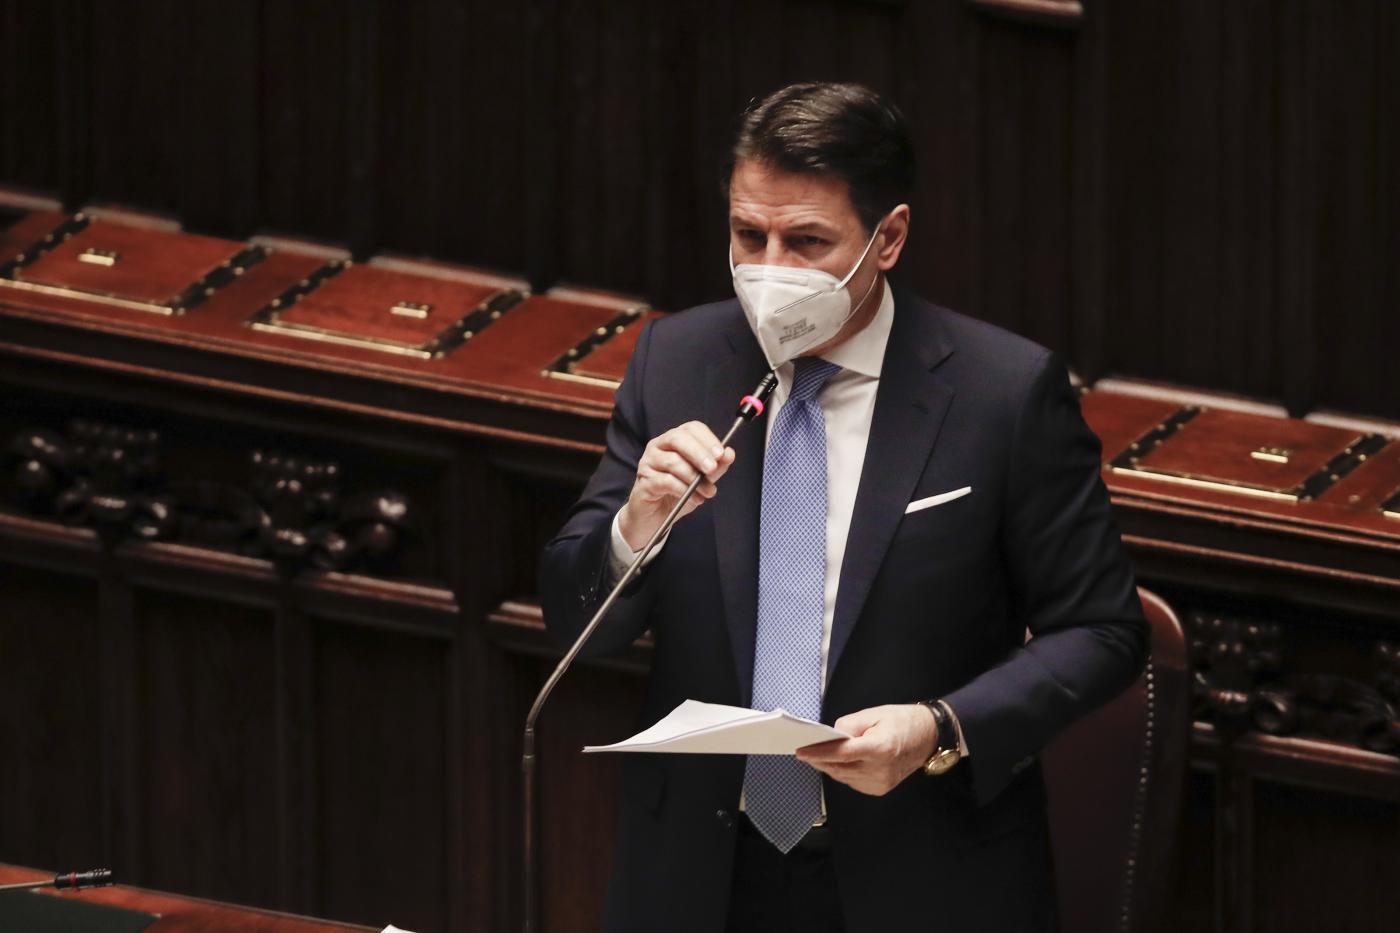 Il premier Giuseppe Conte pronuncia il suo discorso alla Camera